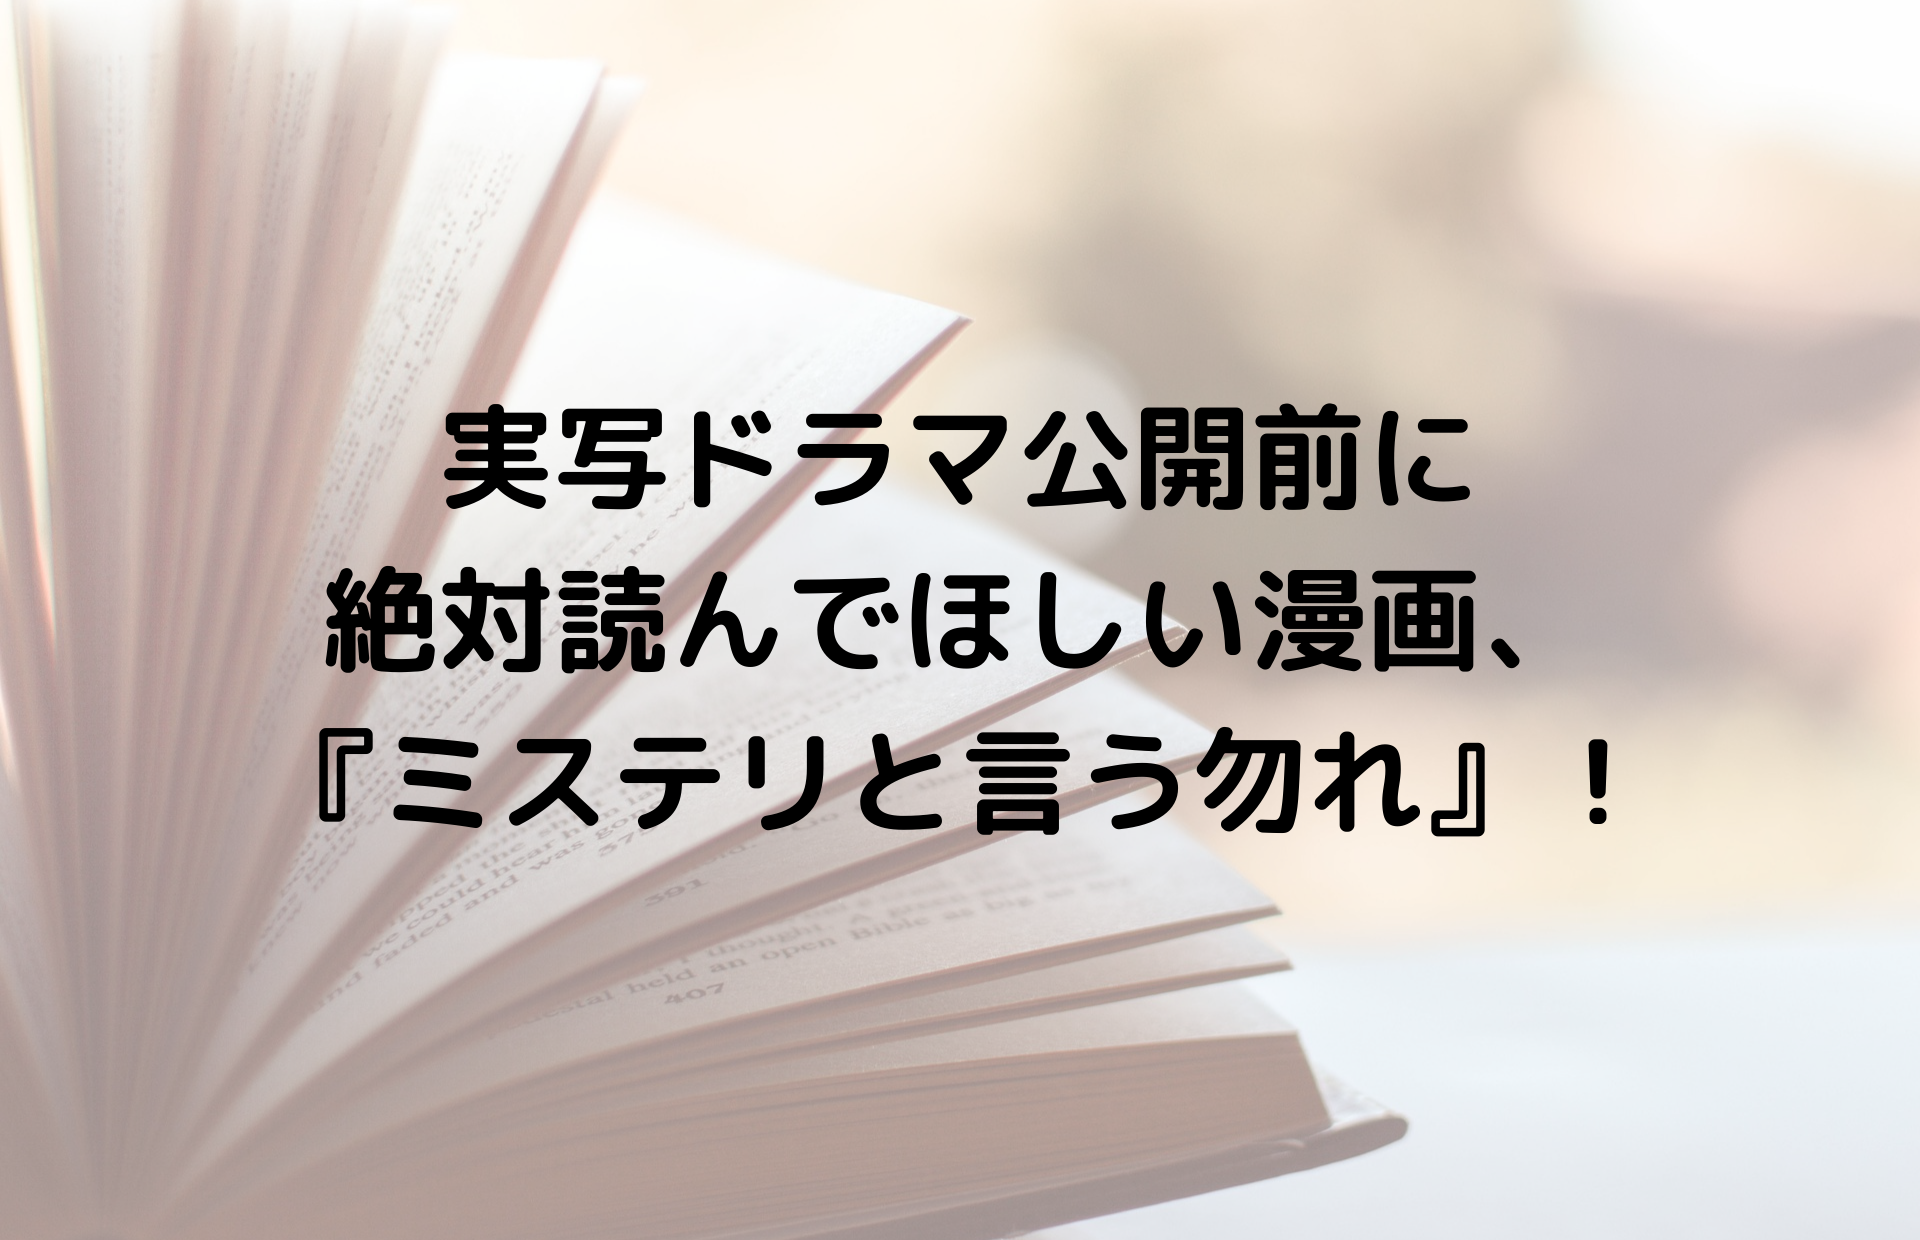 実写ドラマ公開前に絶対読んでほしい漫画、『ミステリと言う勿れ』!